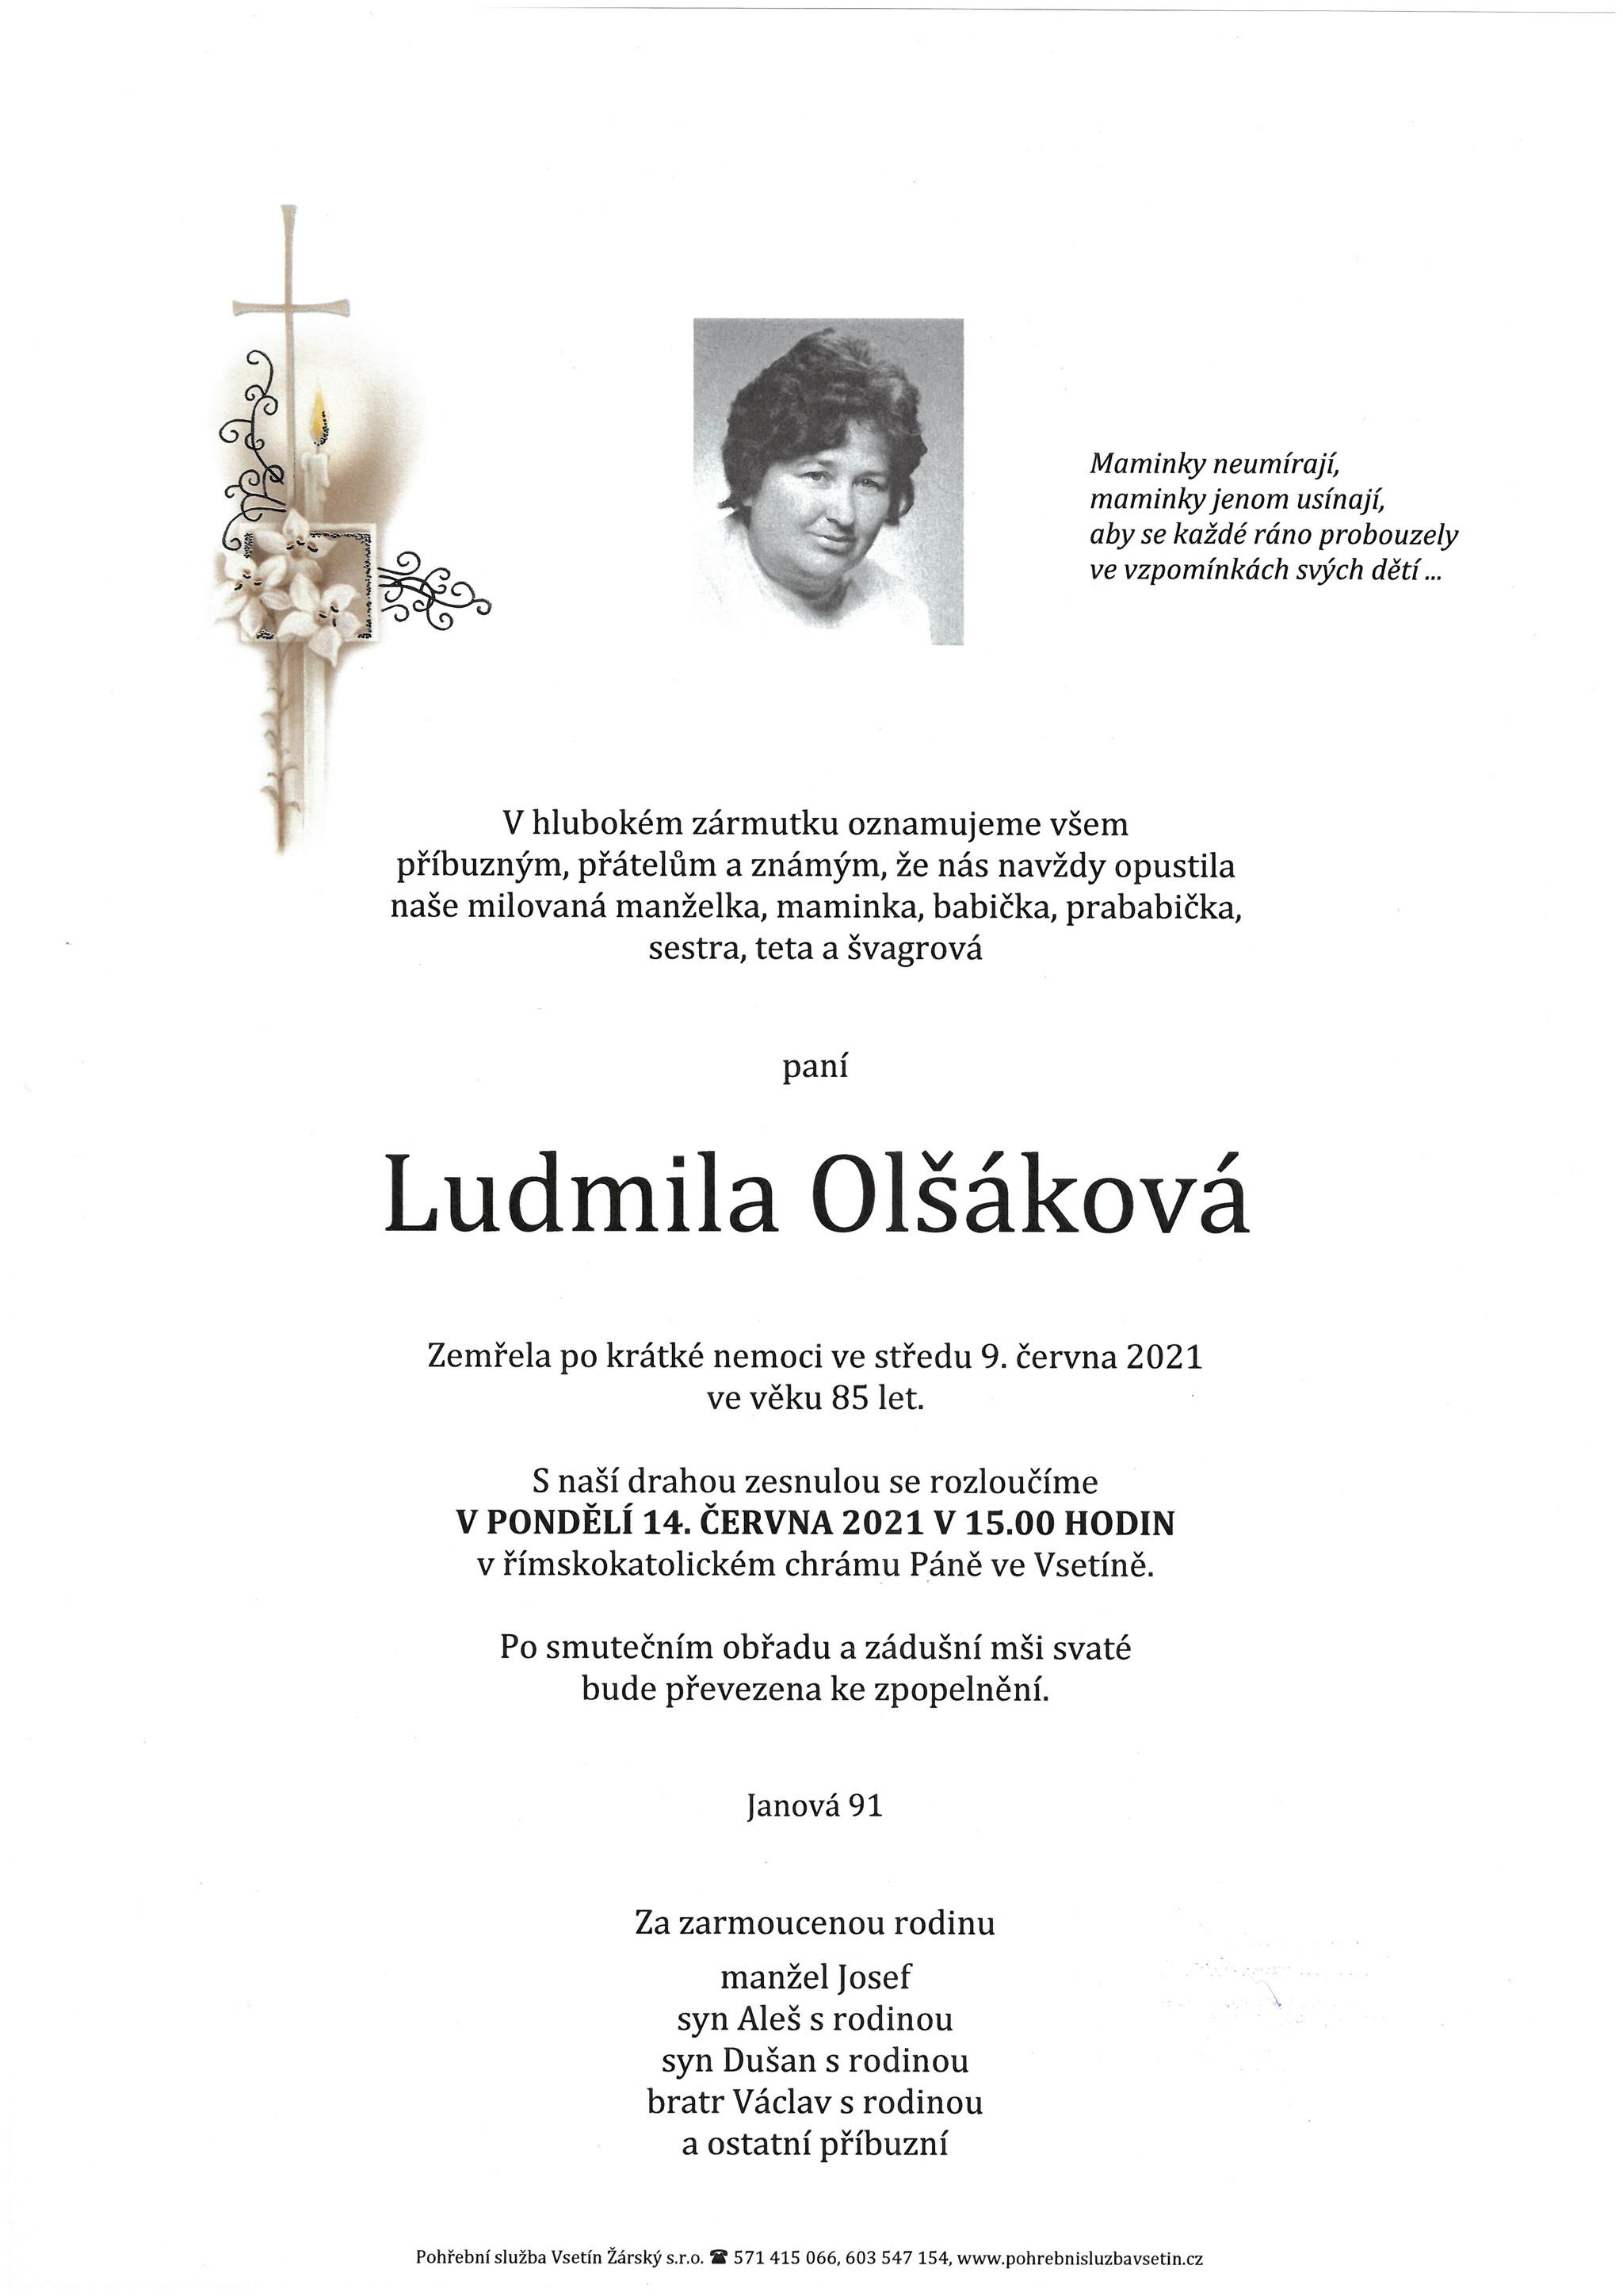 Ludmila Olšáková